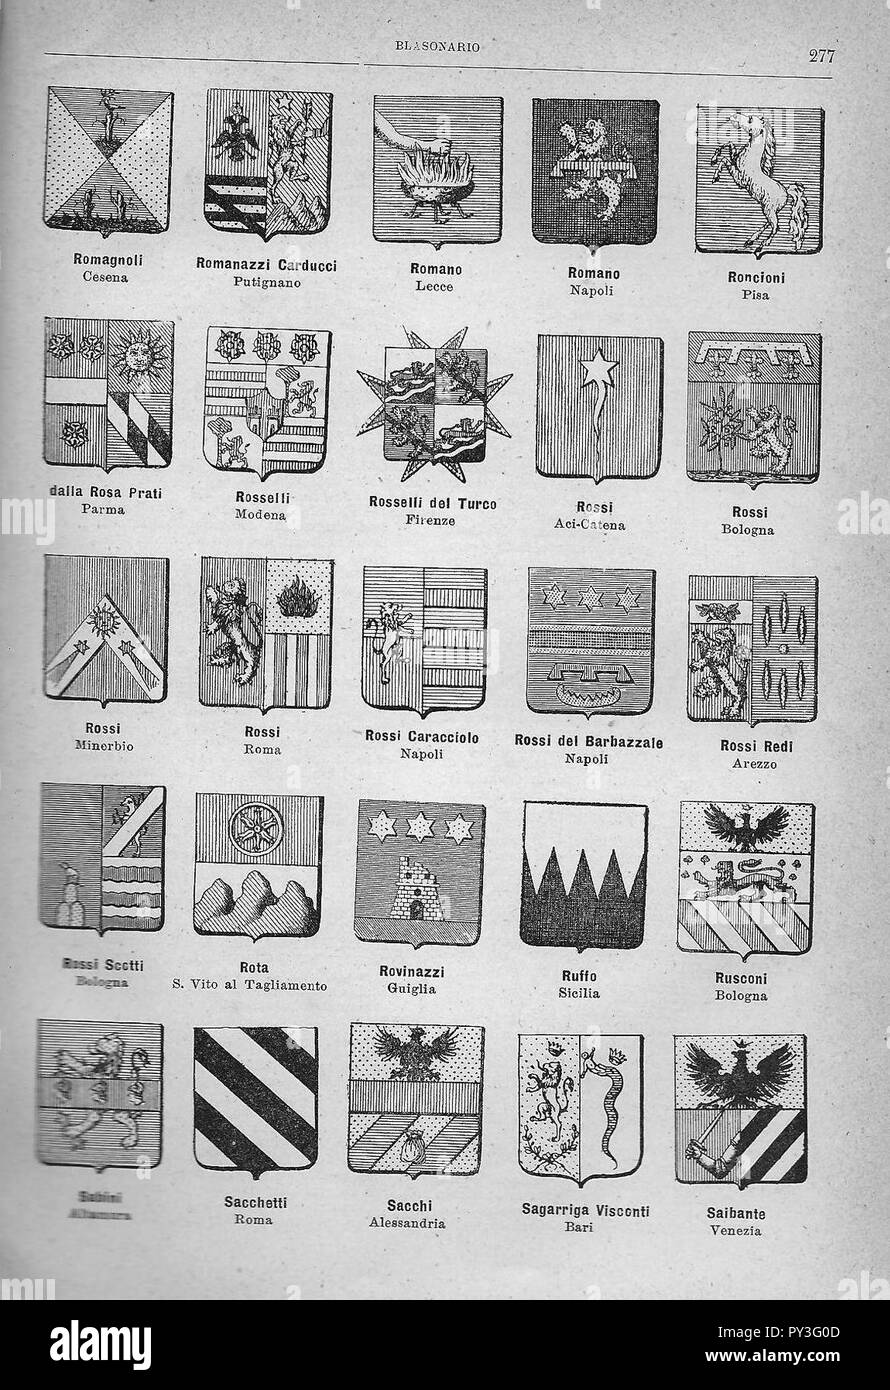 Calendario 1900.Calendario D Oro 1900 Pagina 277 Stock Photo 223198541 Alamy